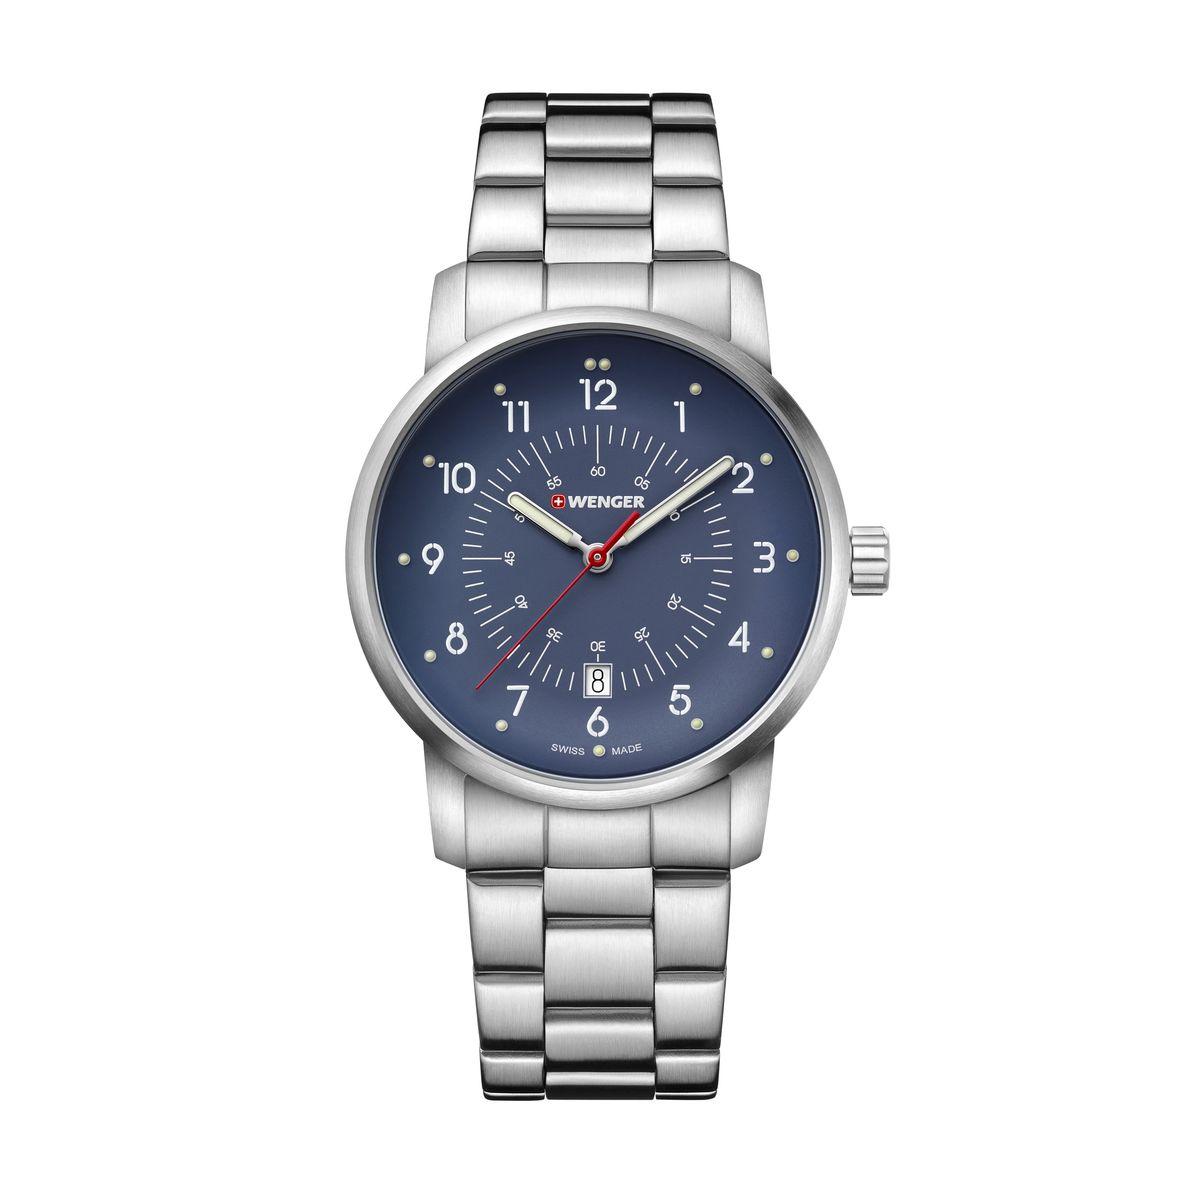 ウェンガー WENGER 01.1641.118 アベニュー 正規品 腕時計